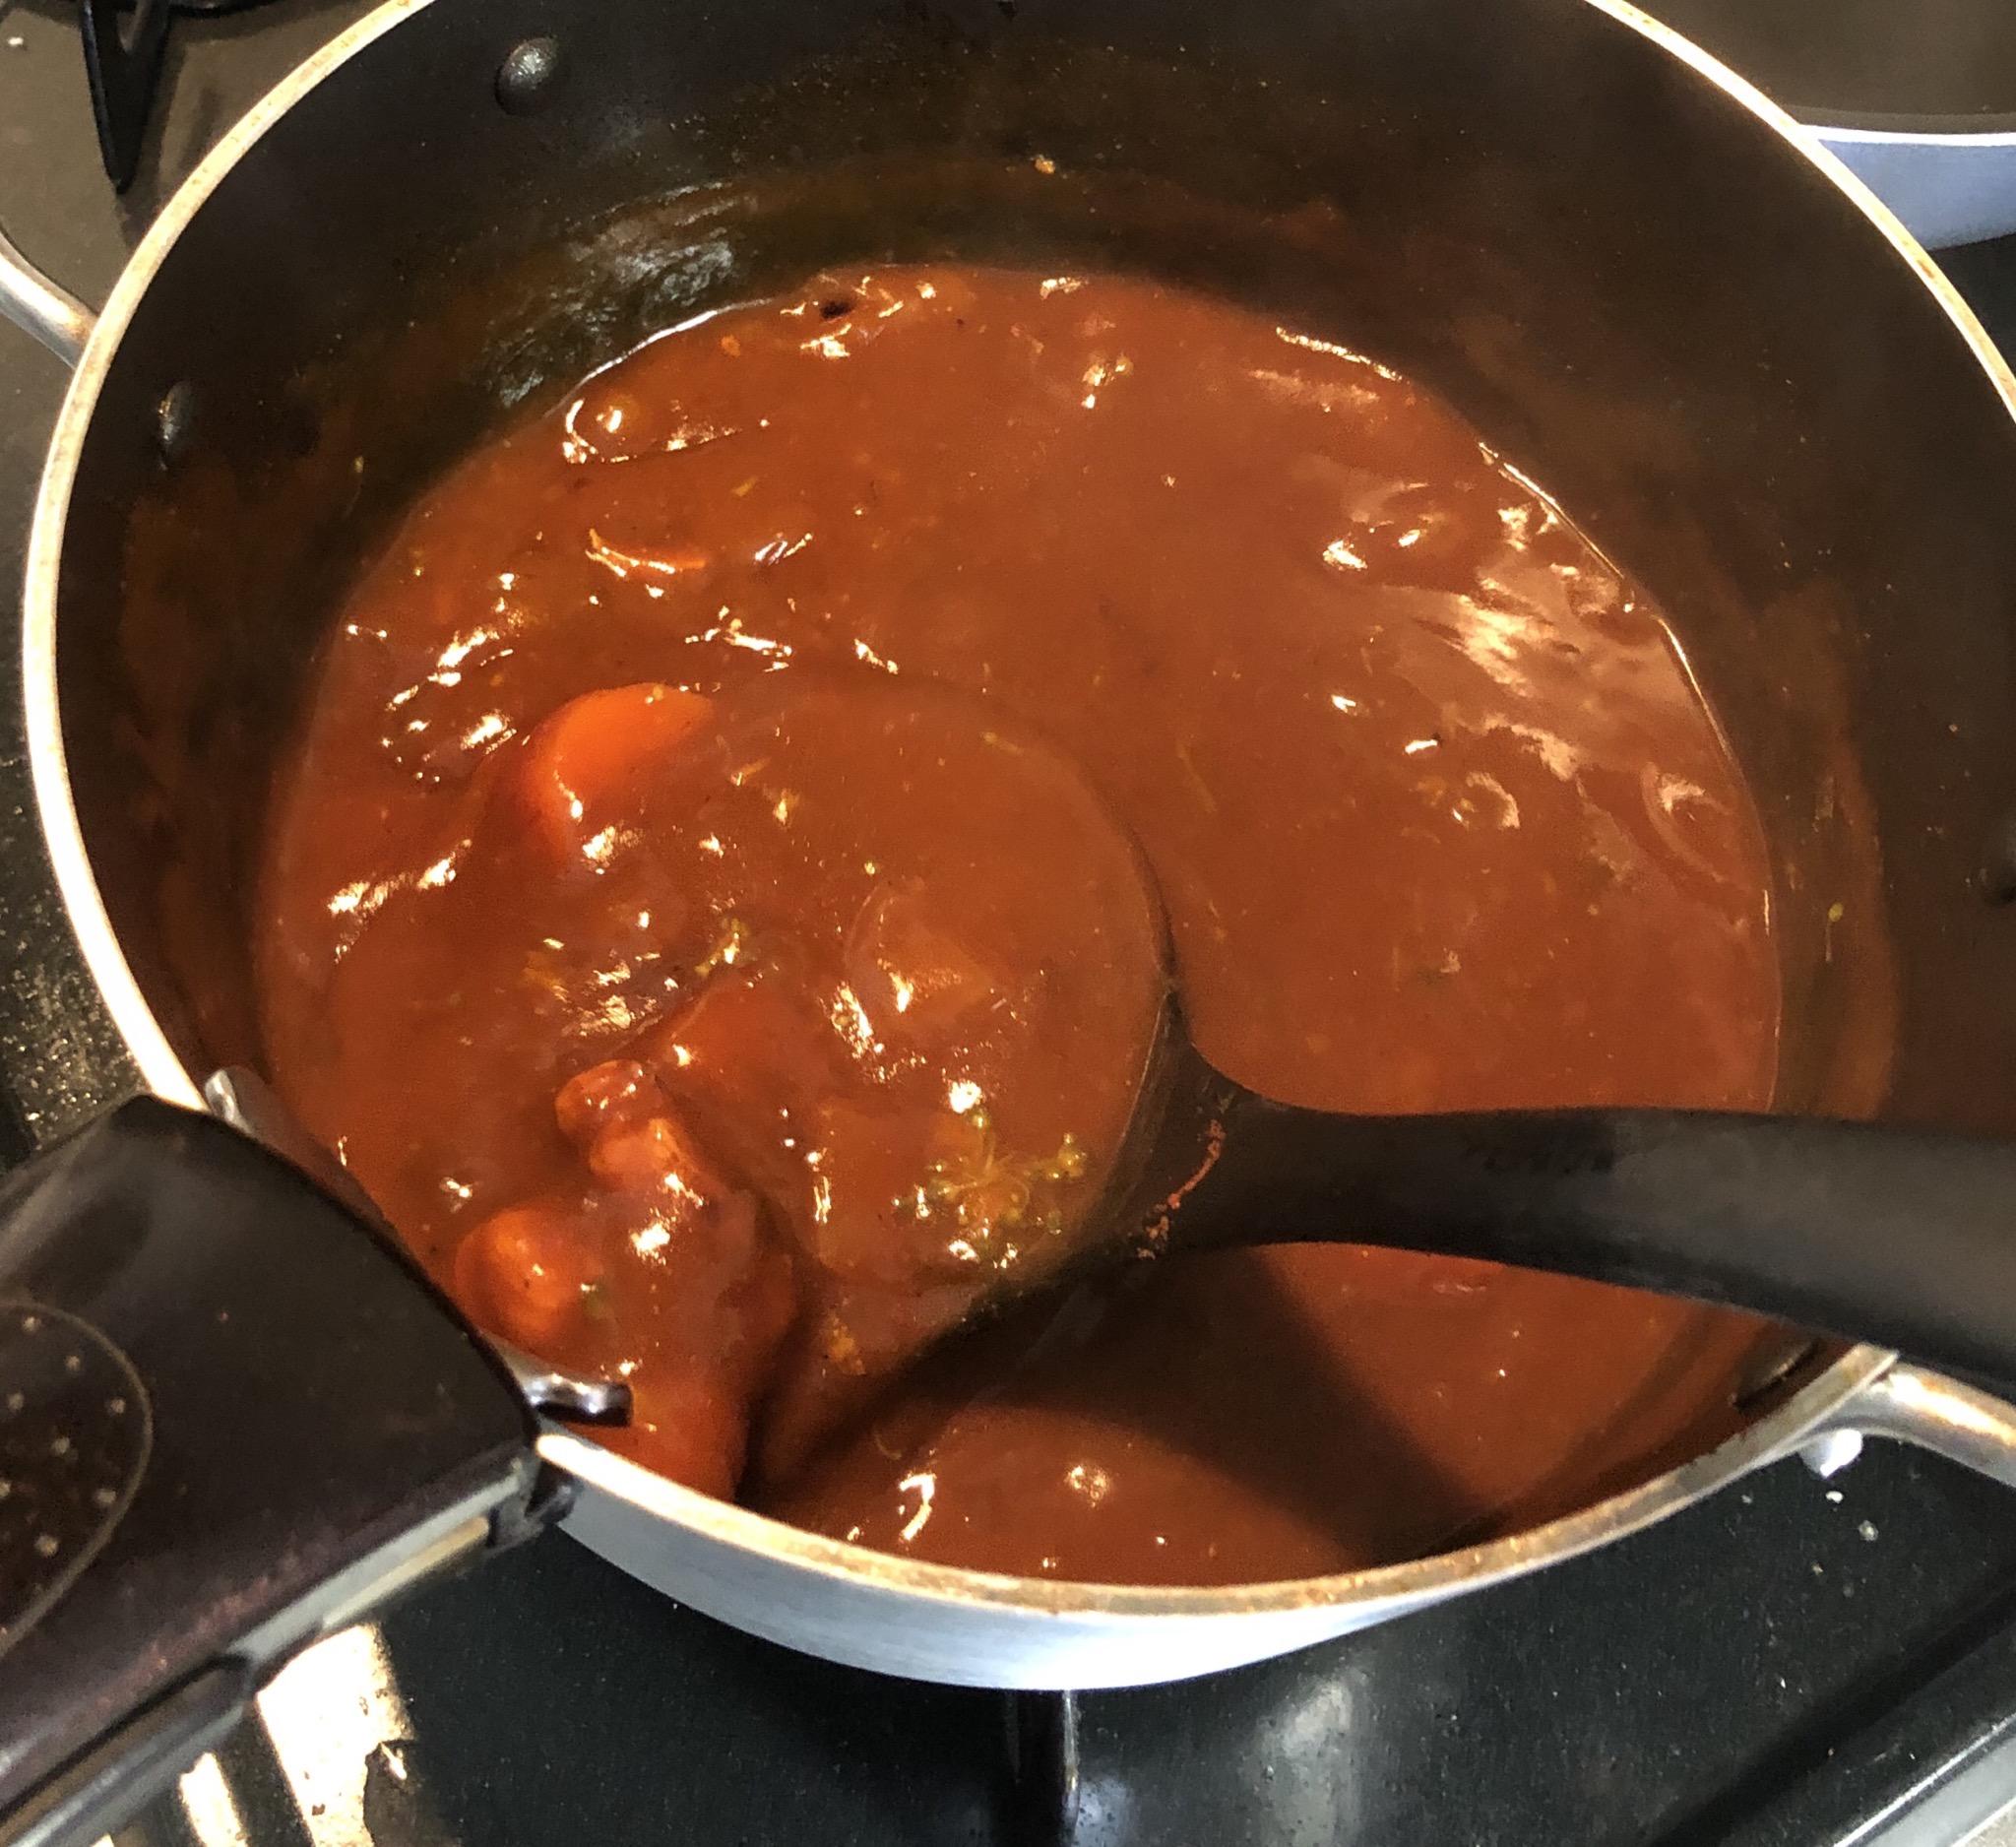 【画像】こどおじ僕、特製カレーを作るwwwwwww